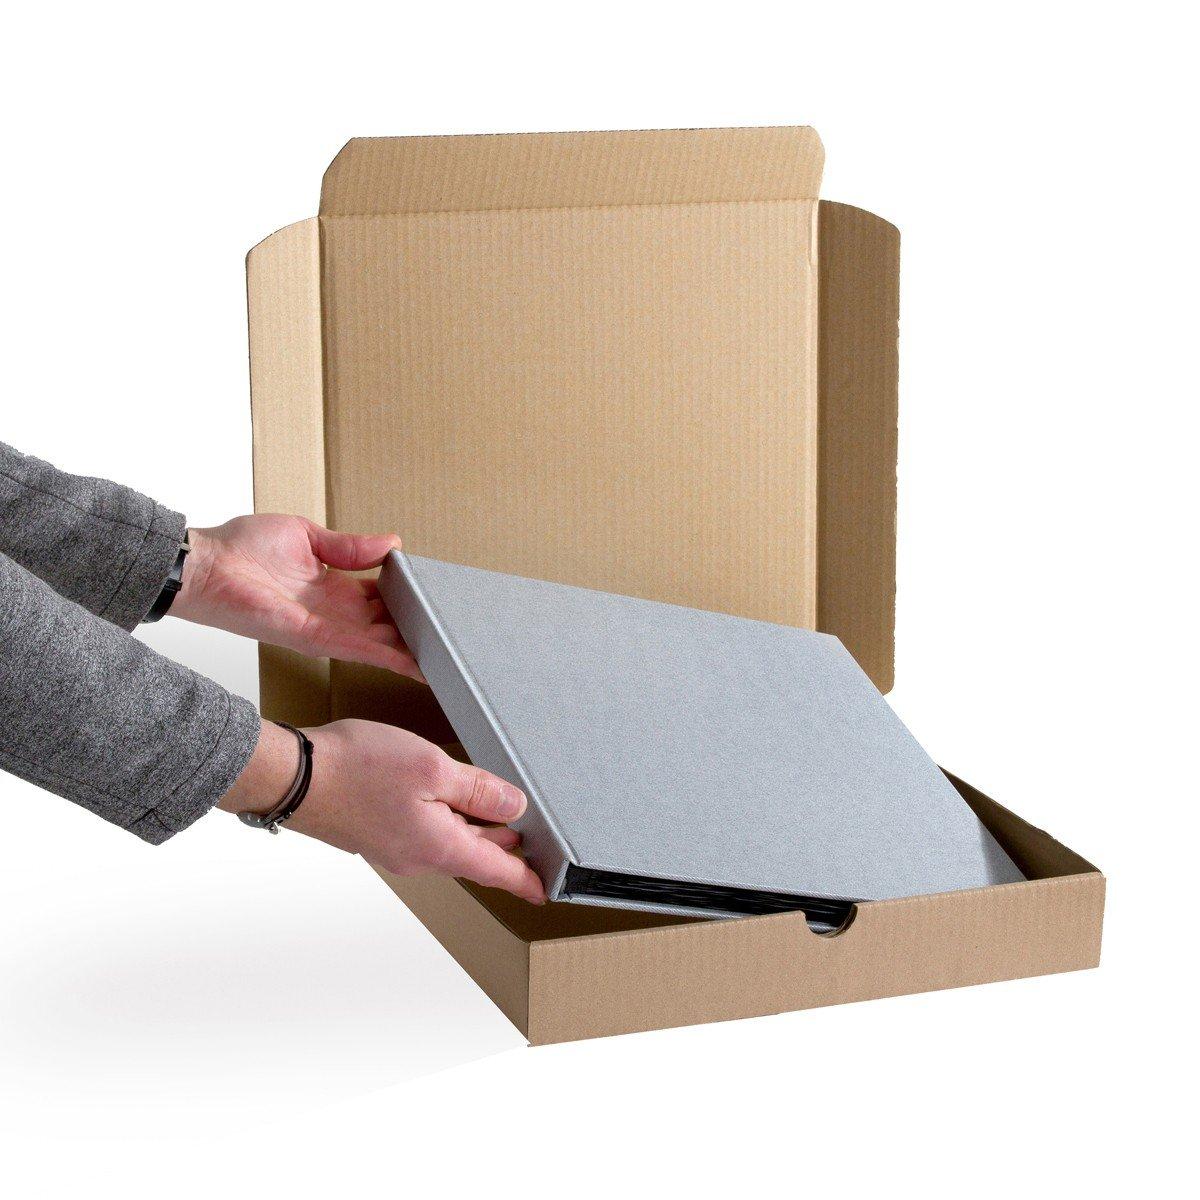 Lot de 10 Boîtes postales extra-plates CARREES format 320x320x50 mm